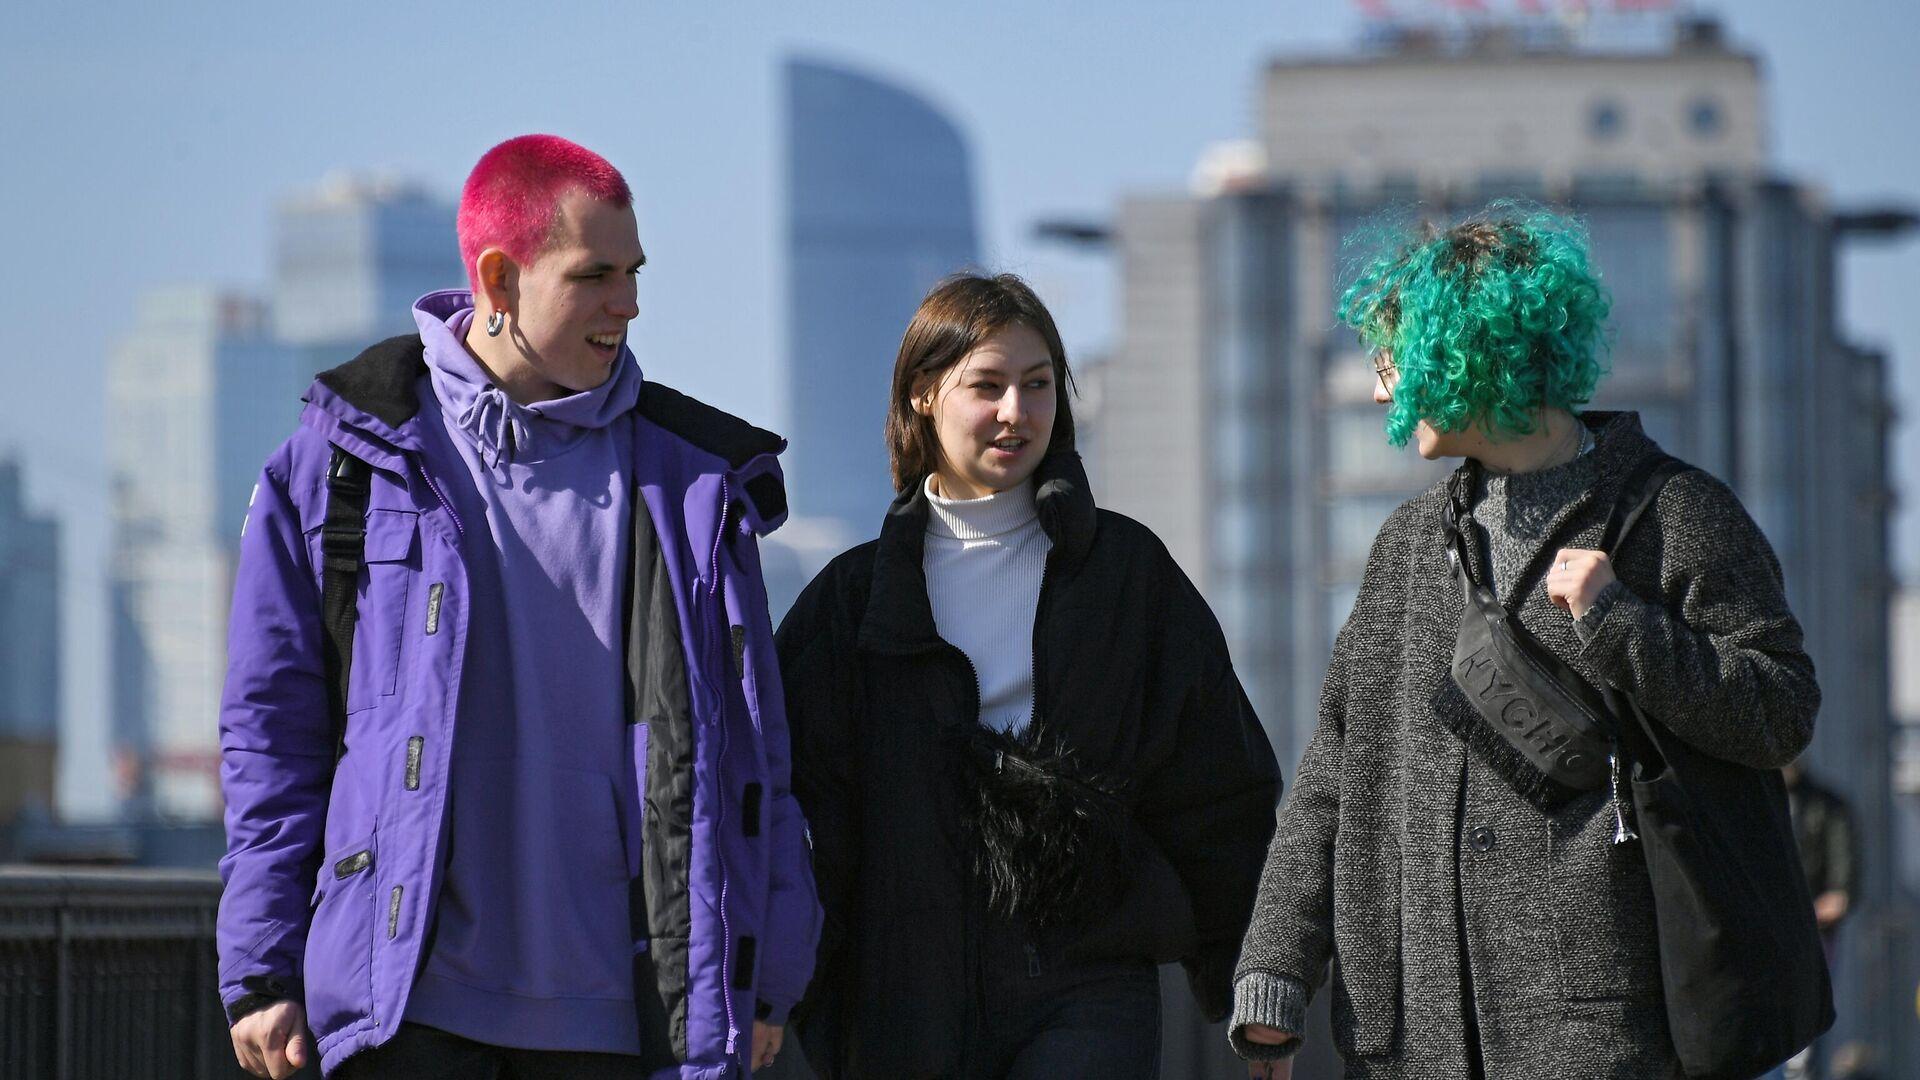 Молодые люди гуляют около Парка Горького в Москве - РИА Новости, 1920, 16.03.2021